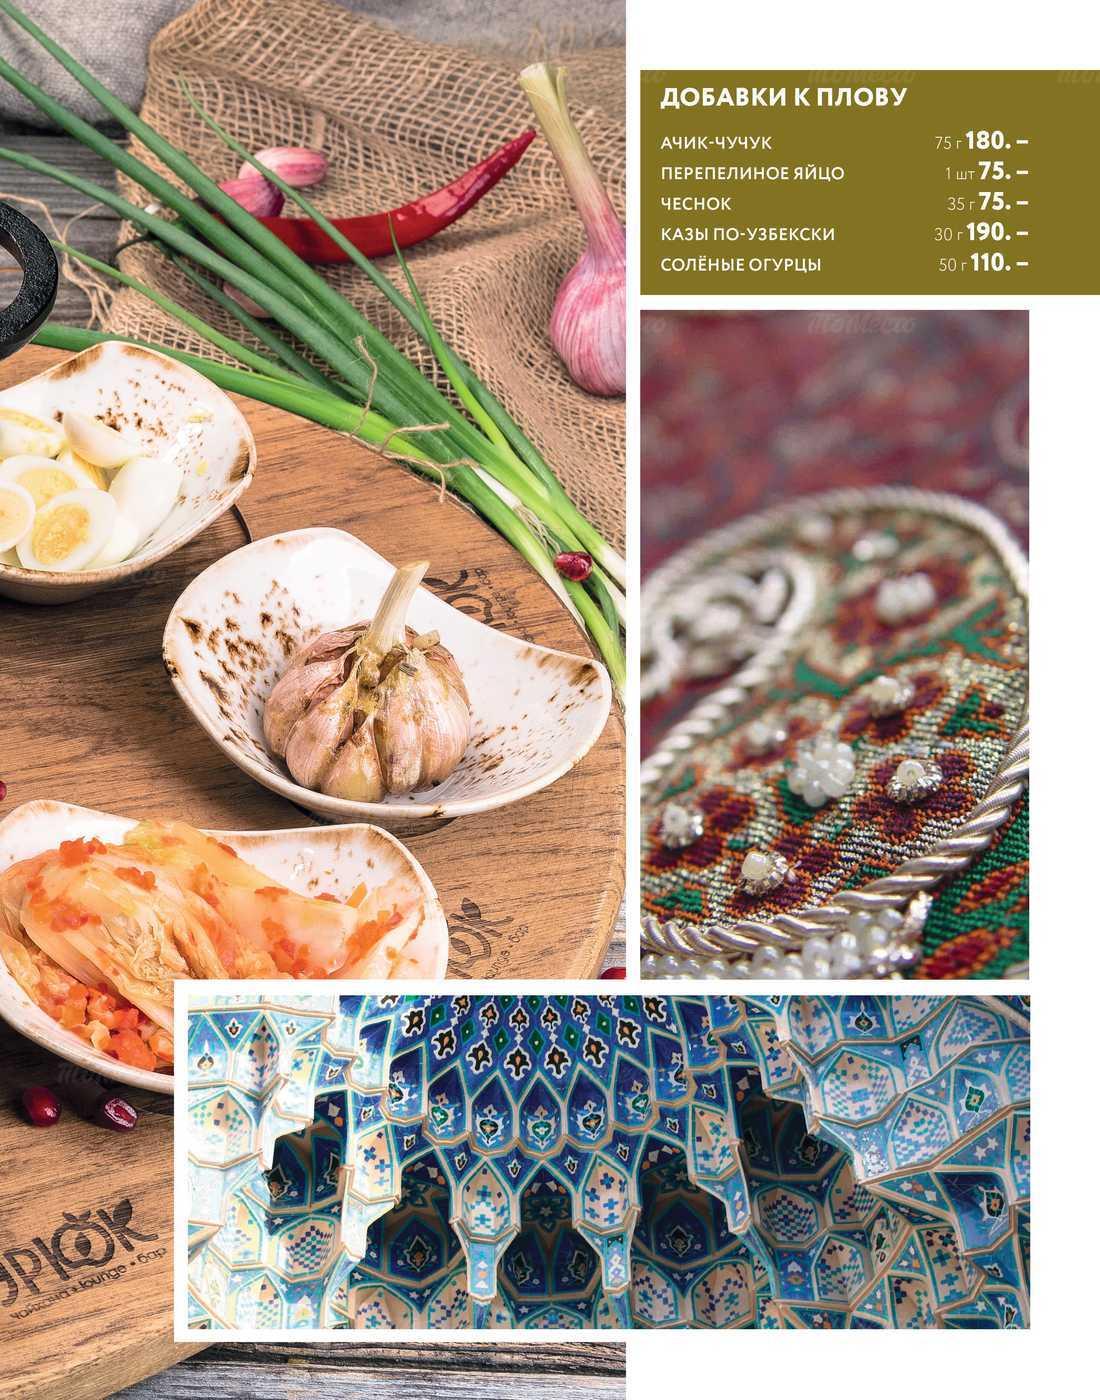 Меню ресторана Гранд Урюк (Grand Урюк) на Долгоруковской улице фото 25